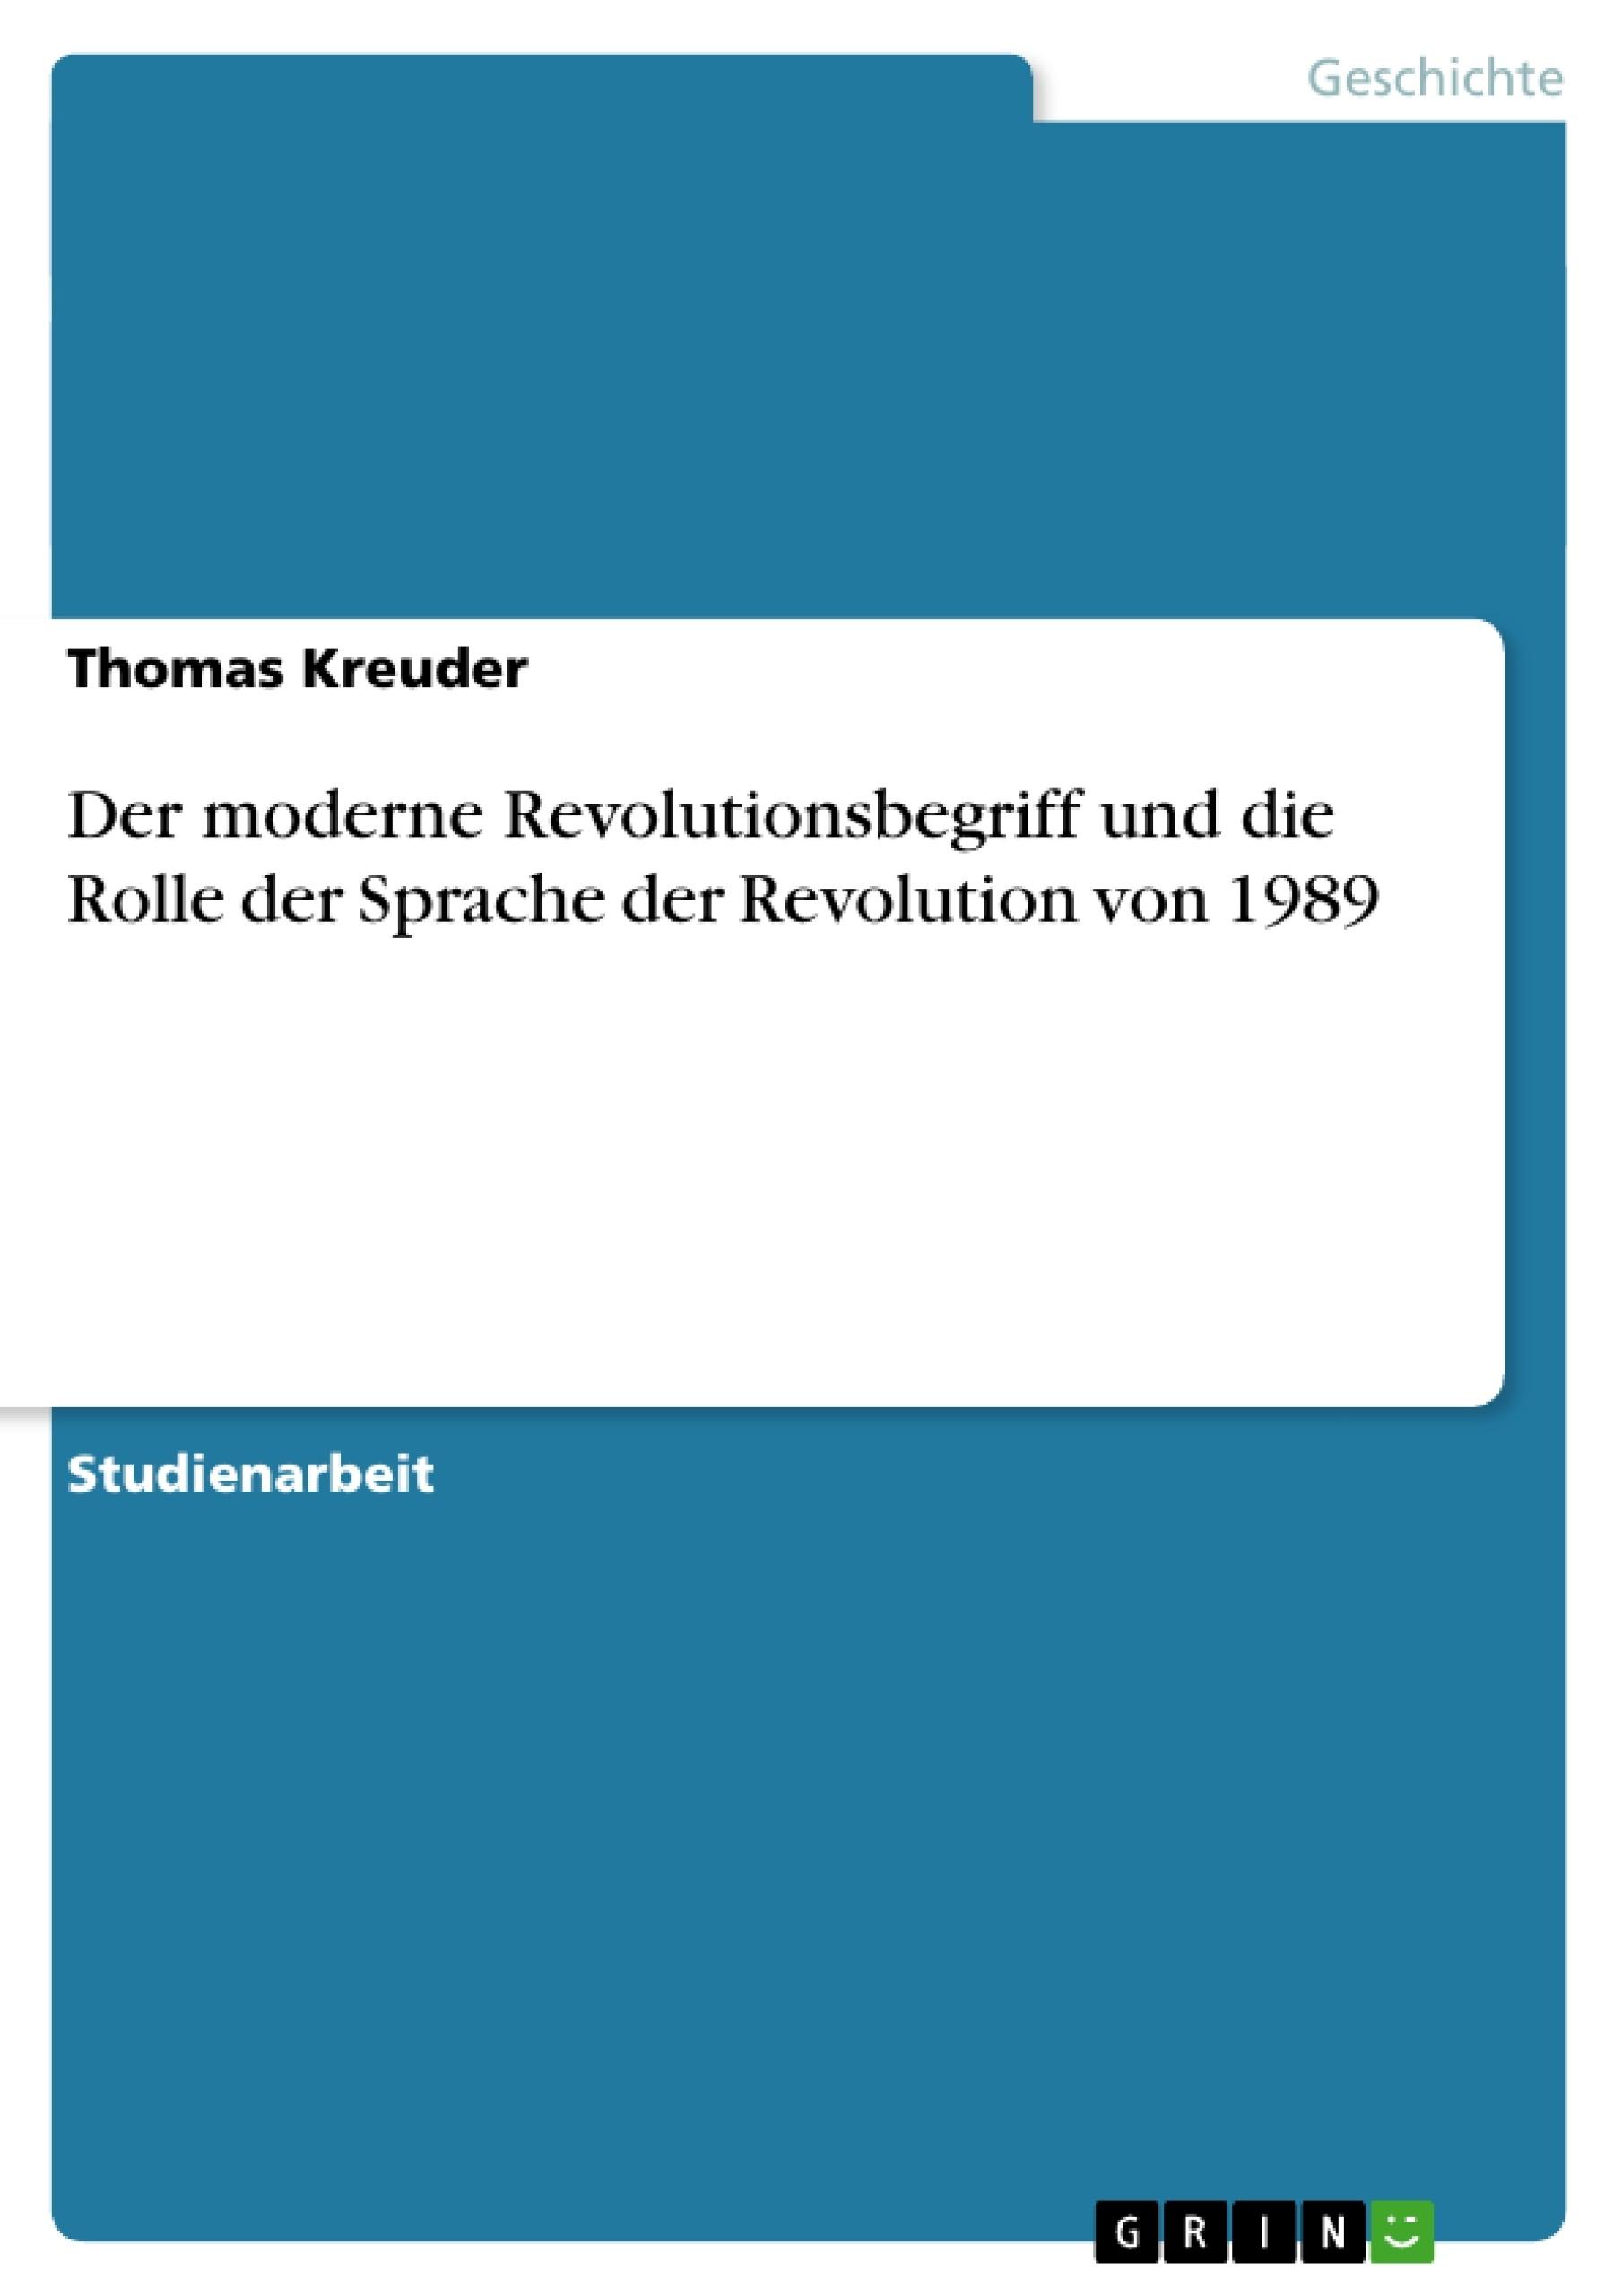 Titel: Der moderne Revolutionsbegriff und die Rolle der Sprache der Revolution von 1989